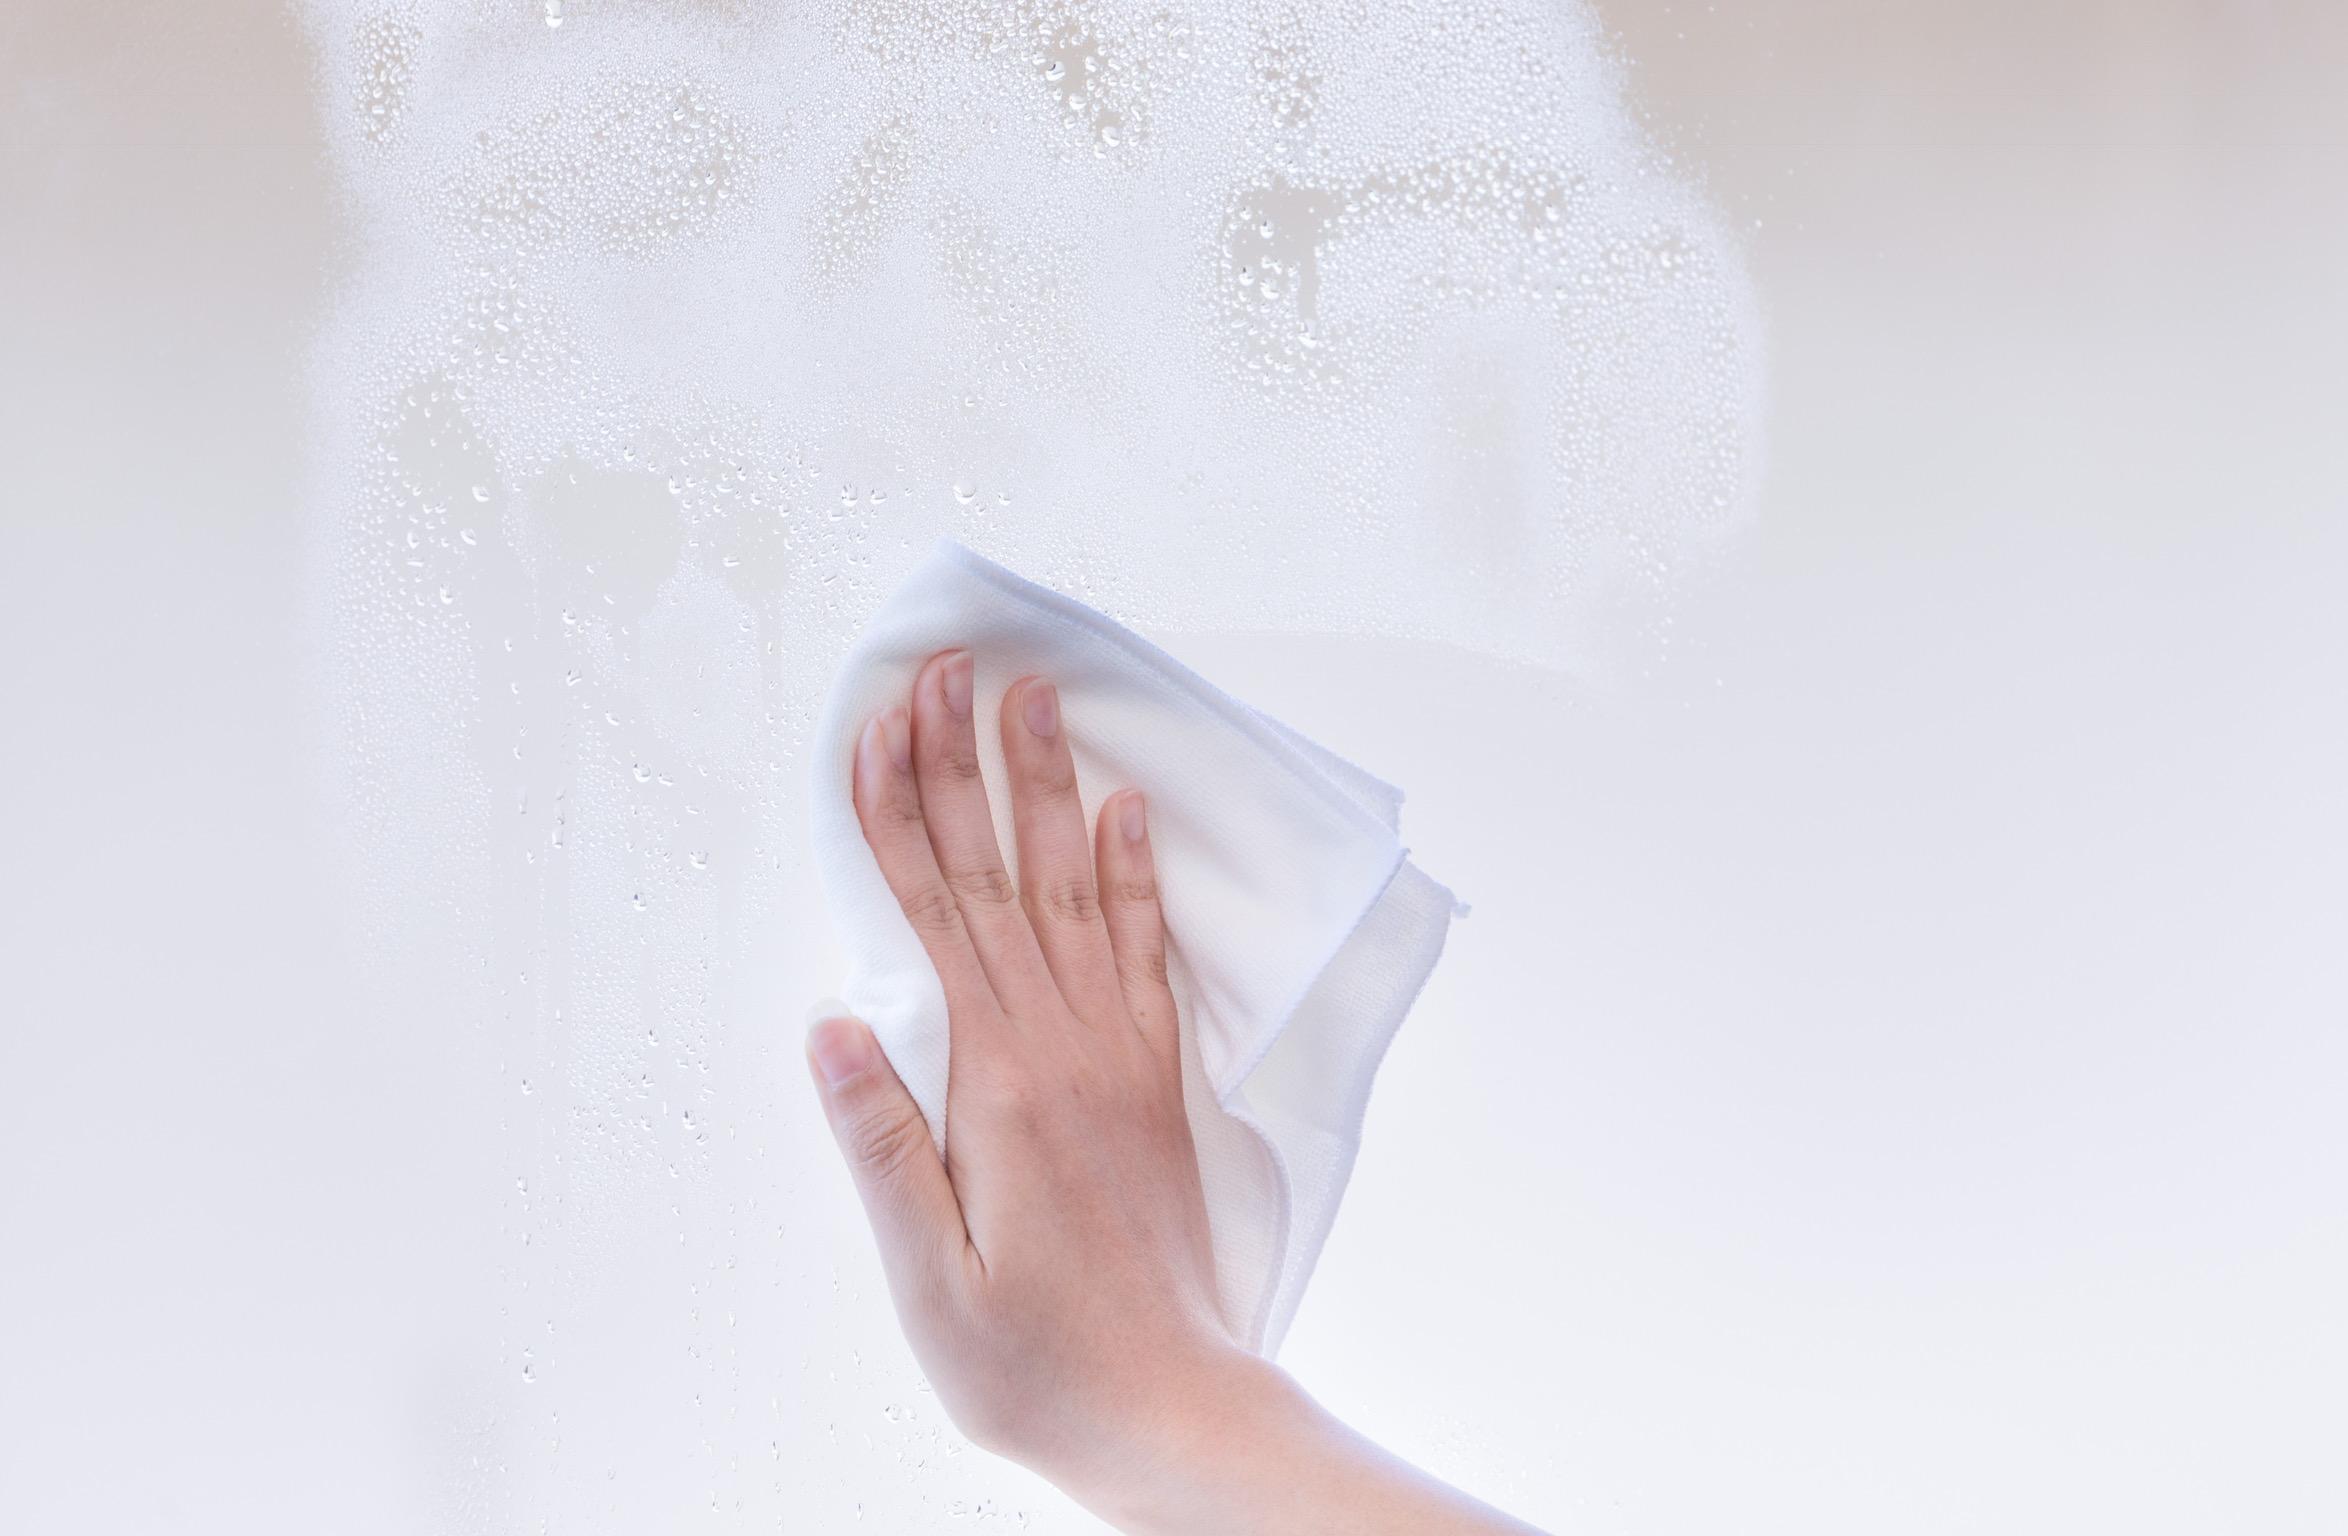 風呂掃除嫌いへ捧ぐ、毎日簡単&楽な方法でキレイを保つ体験談